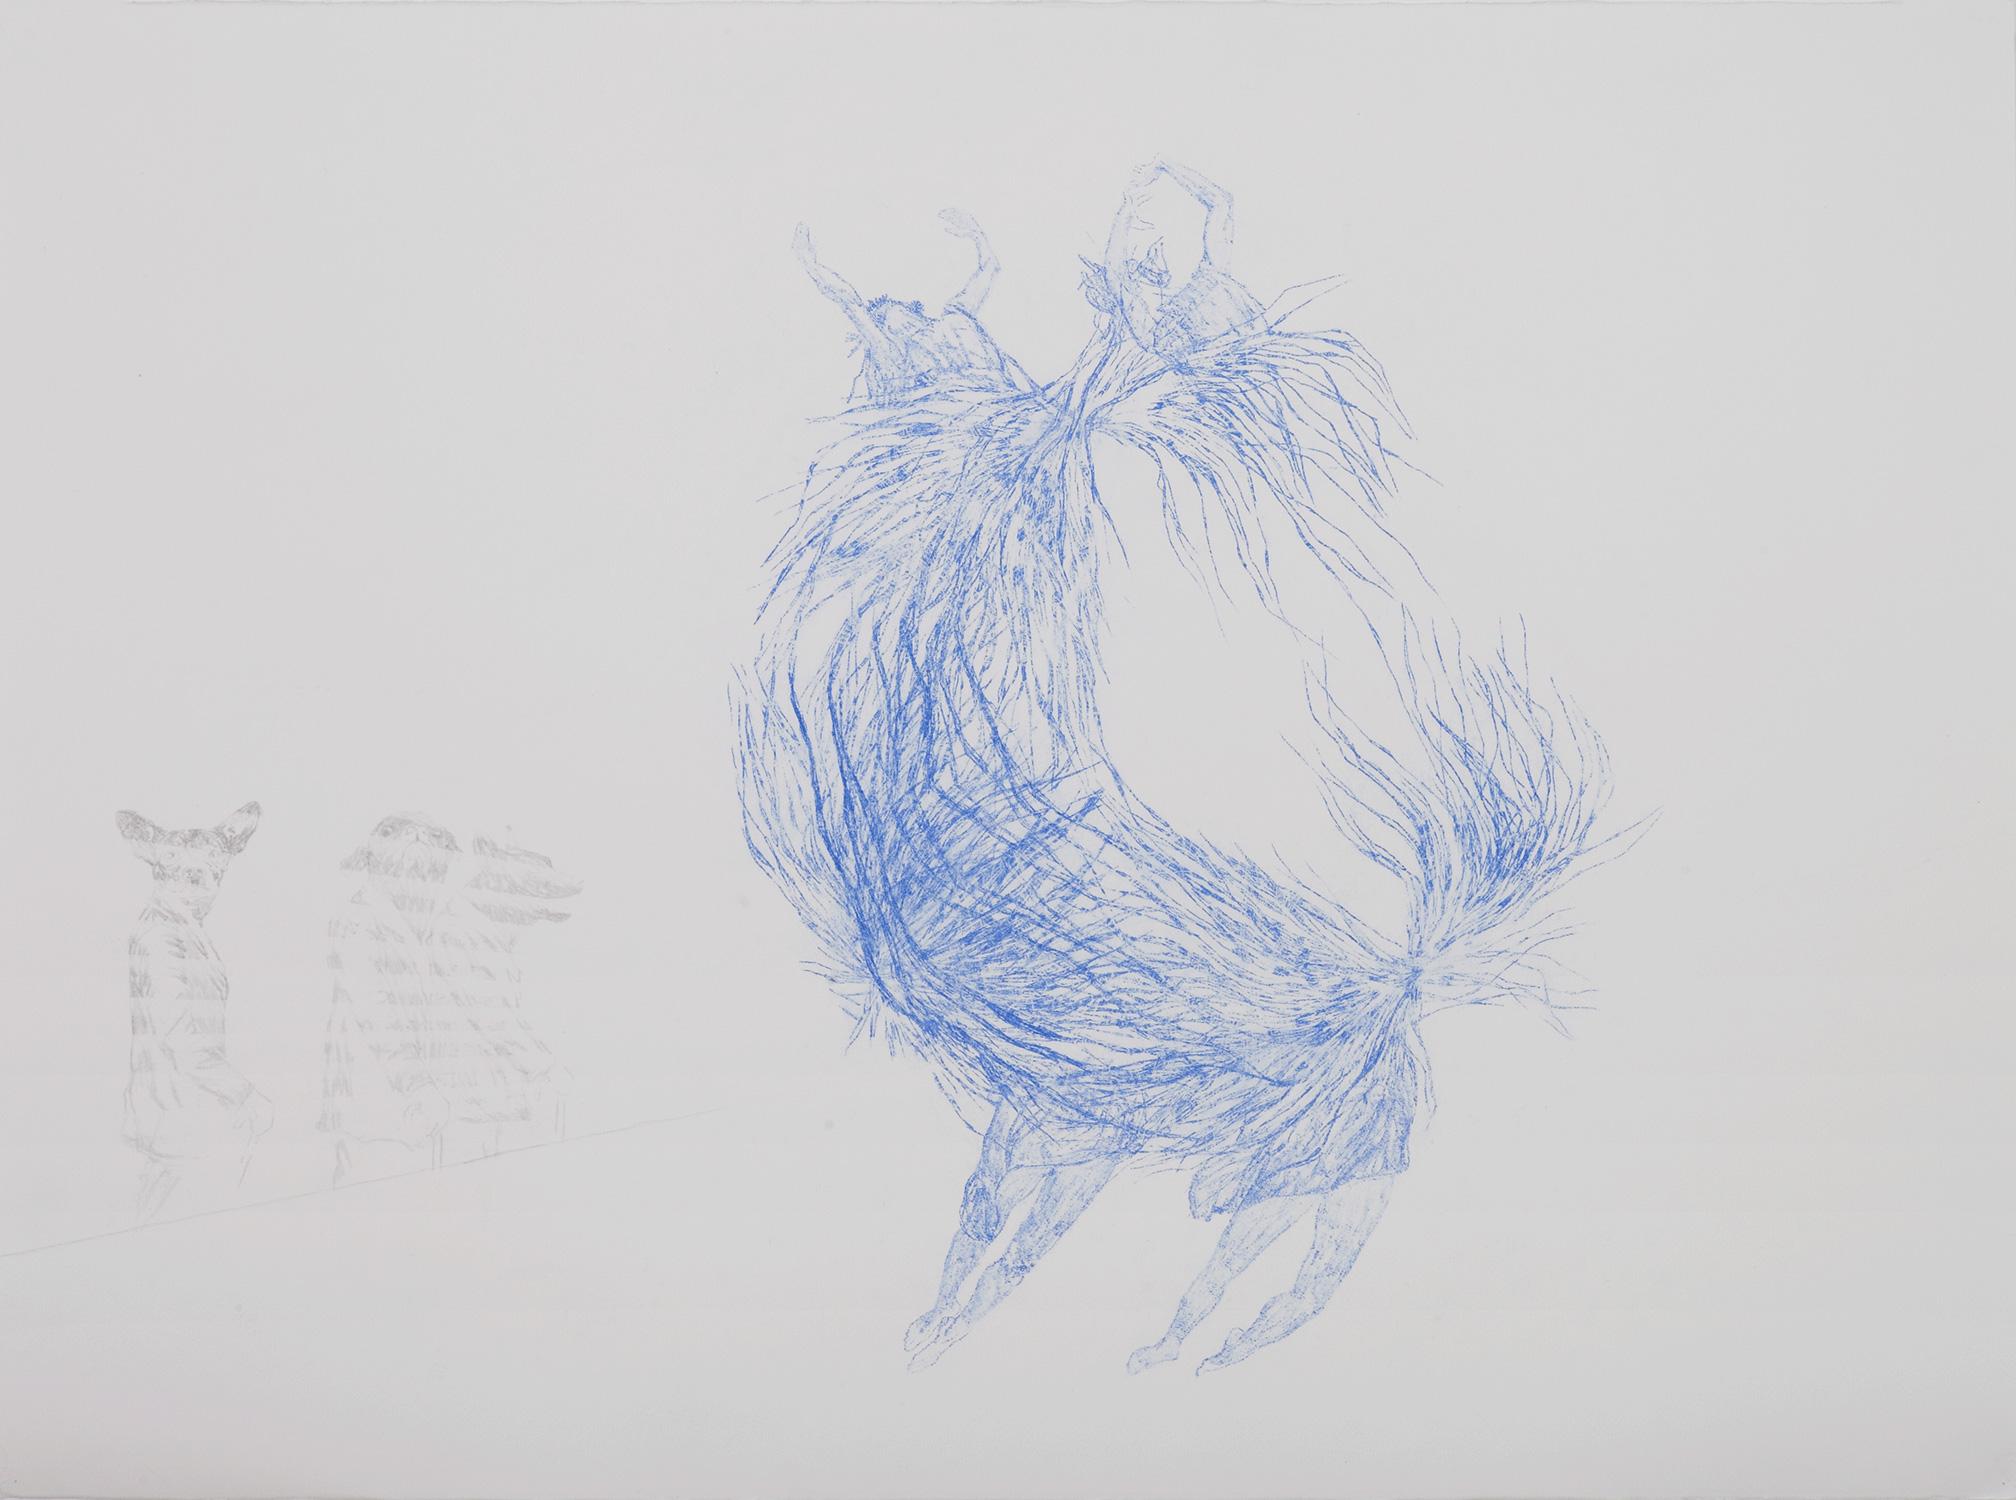 <i>Prétendants aux danseuses</i>, 2013, graphite et crayon, 60x80cm